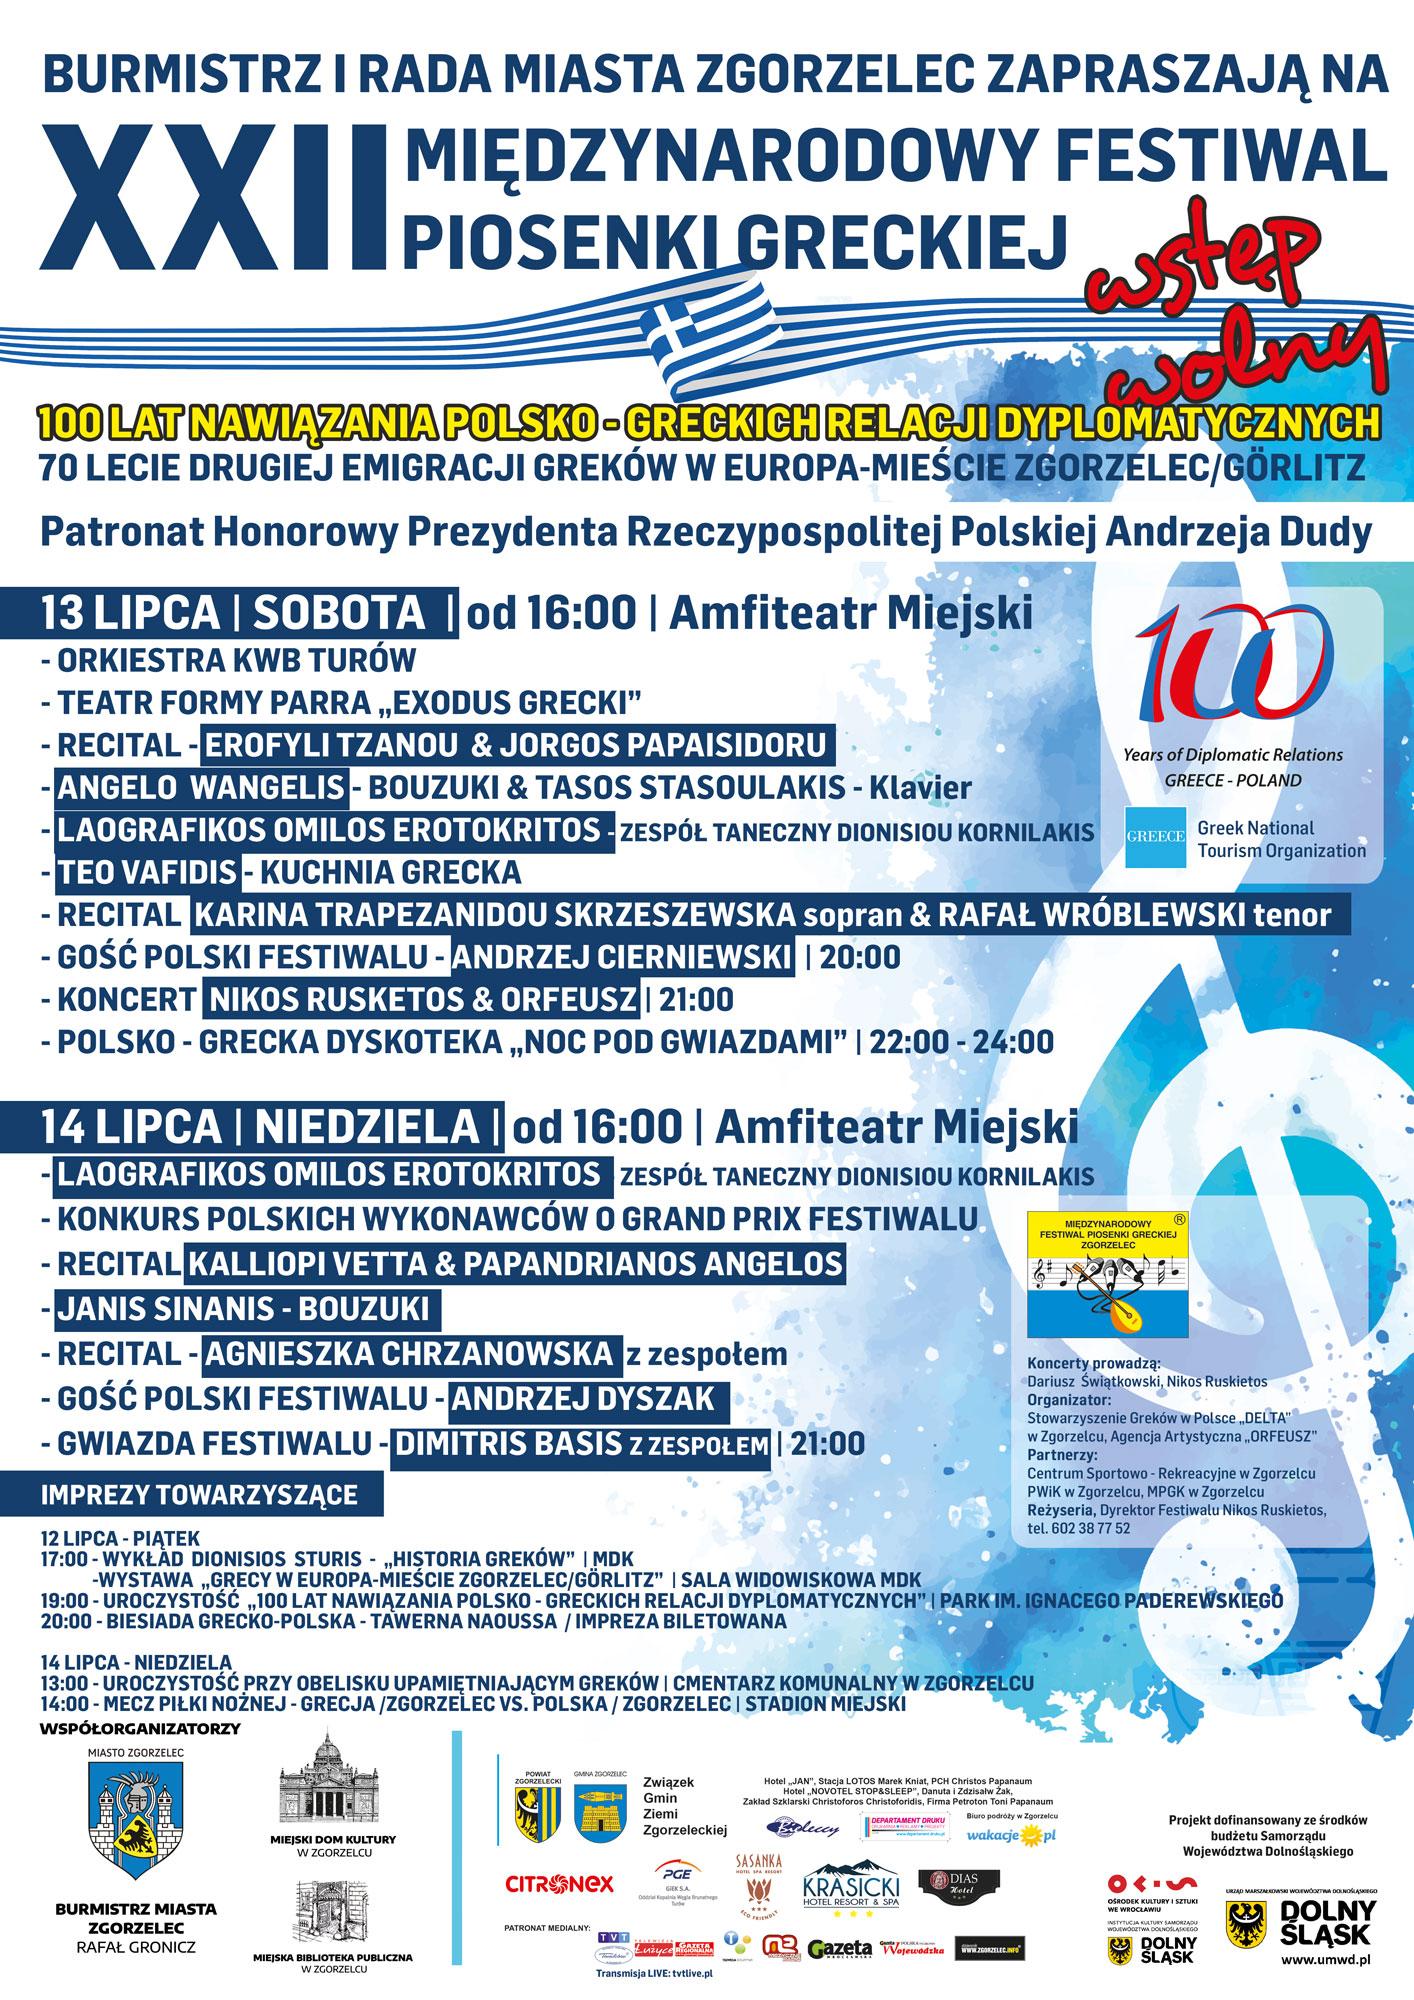 Międzynarodowy Festiwal Piosenki Greckiej